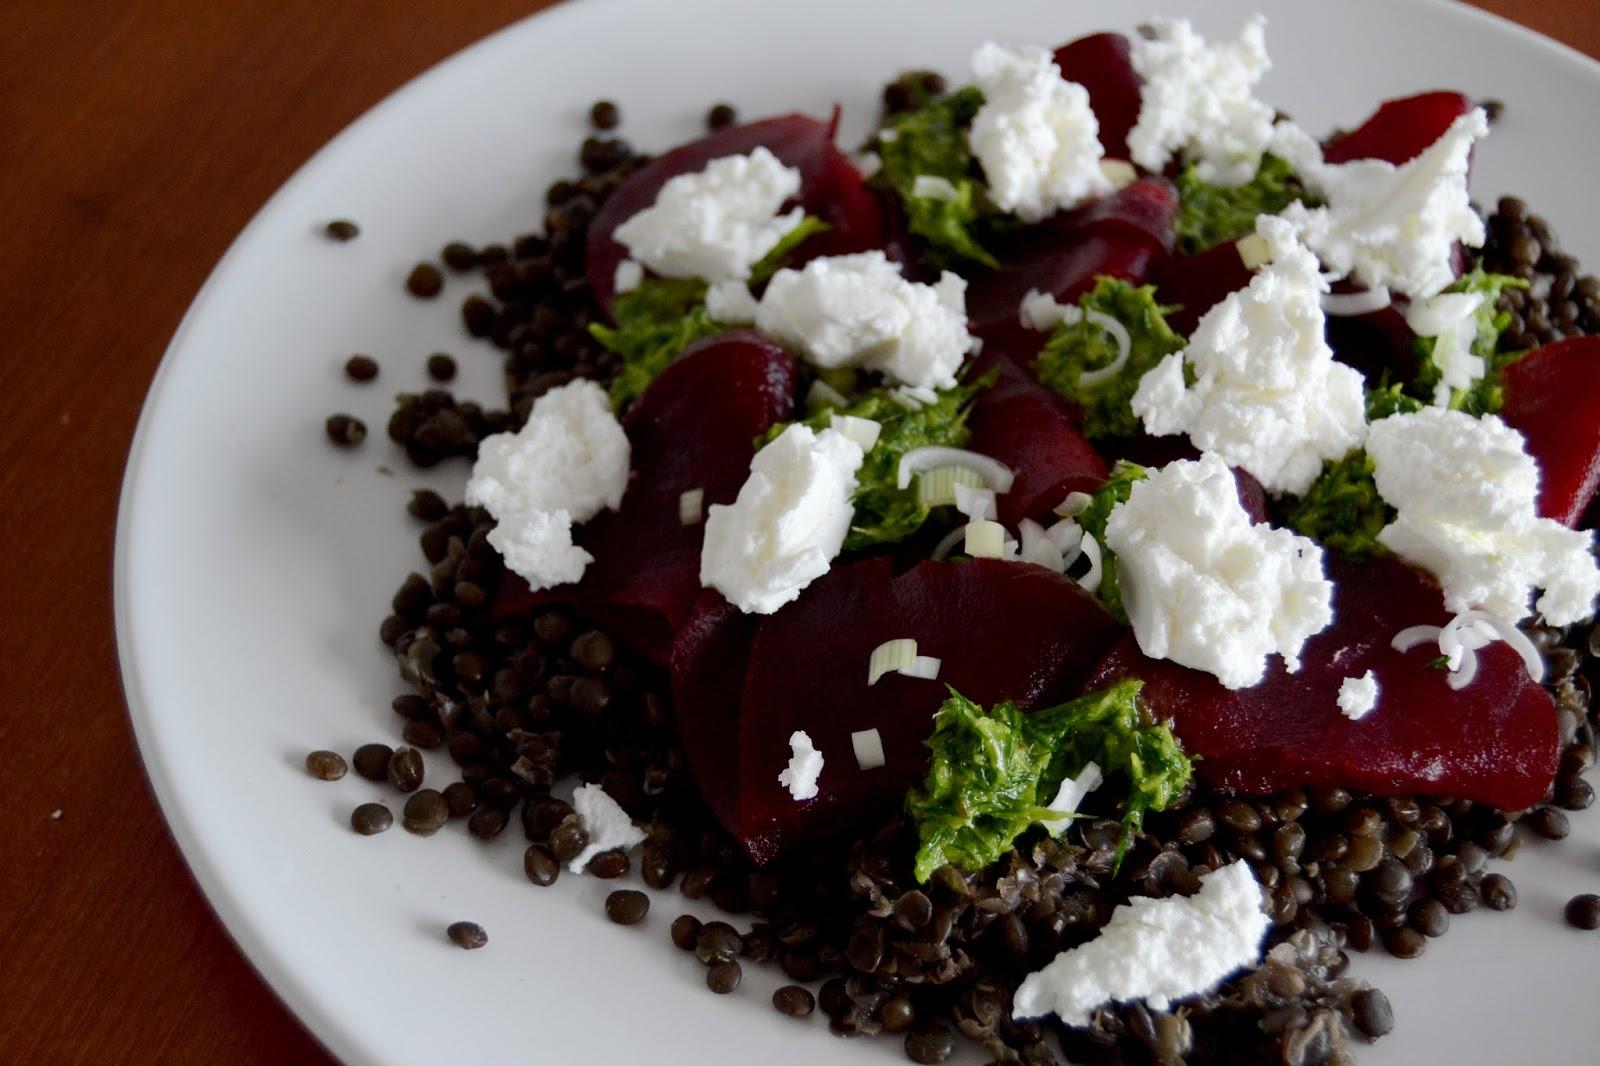 kuchen quiche linsensalat mit roter bete und ziegenfrischk se. Black Bedroom Furniture Sets. Home Design Ideas